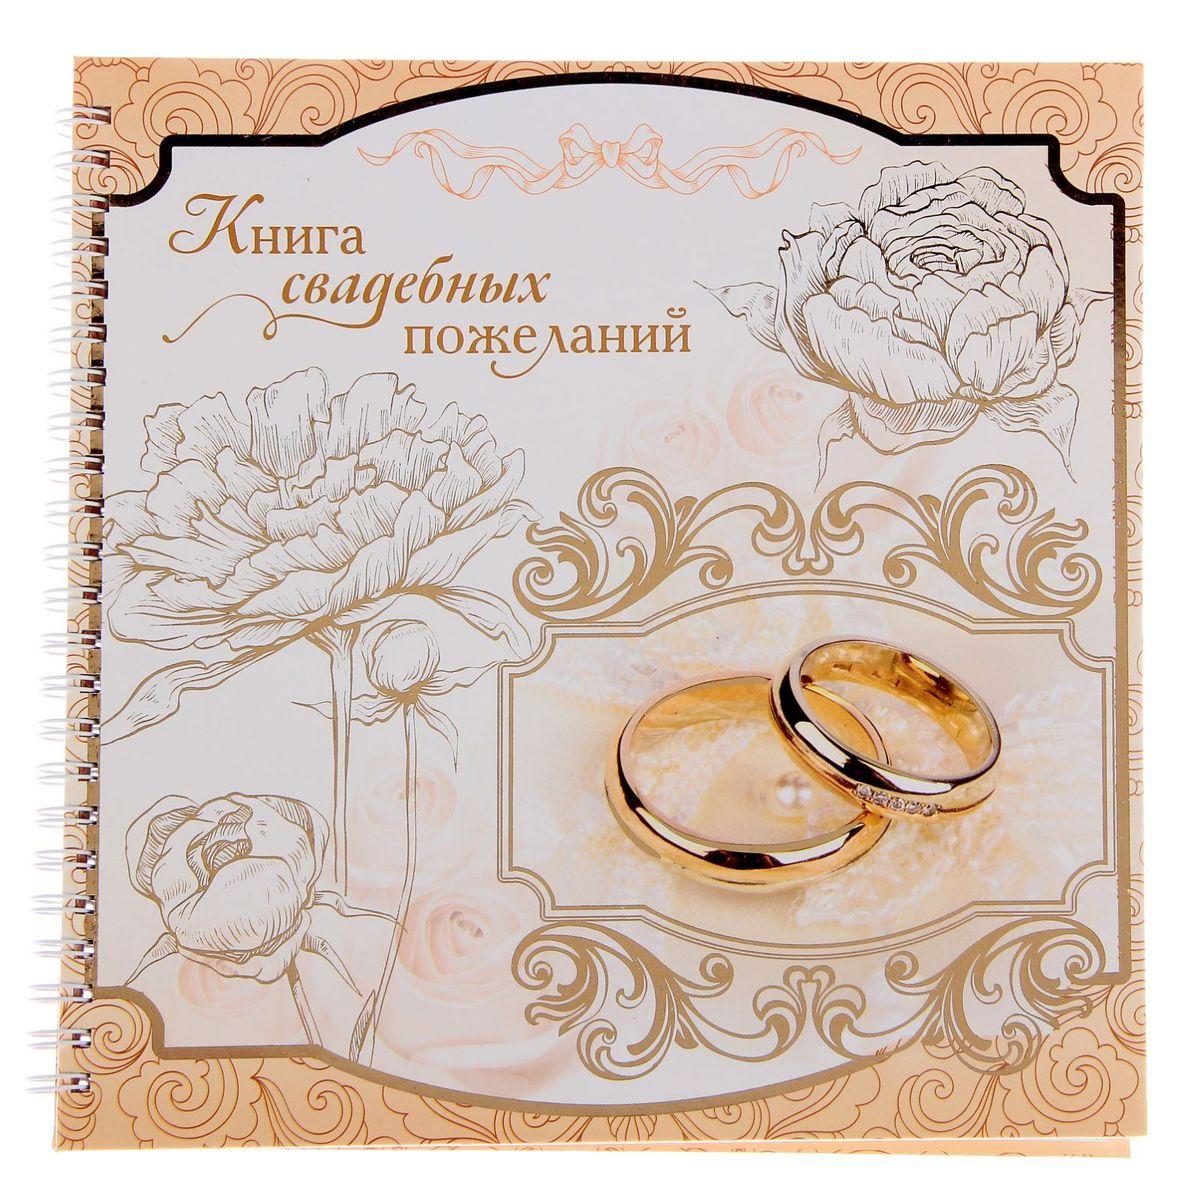 Книга свадебных пожеланий Sima-land Быть всегда друг с другом..., на пружине, 21,7 х 21 см1182859Теперь добрые слова и светлые поздравления останутся с вами на всю жизнь. Через много лет, перечитывая эту чудесную книгу, вы вместе со своей половинкой будете с улыбкой вспоминать о самом счастливом дне в вашей жизни. Сохраните счастливые воспоминания на долгие годы!